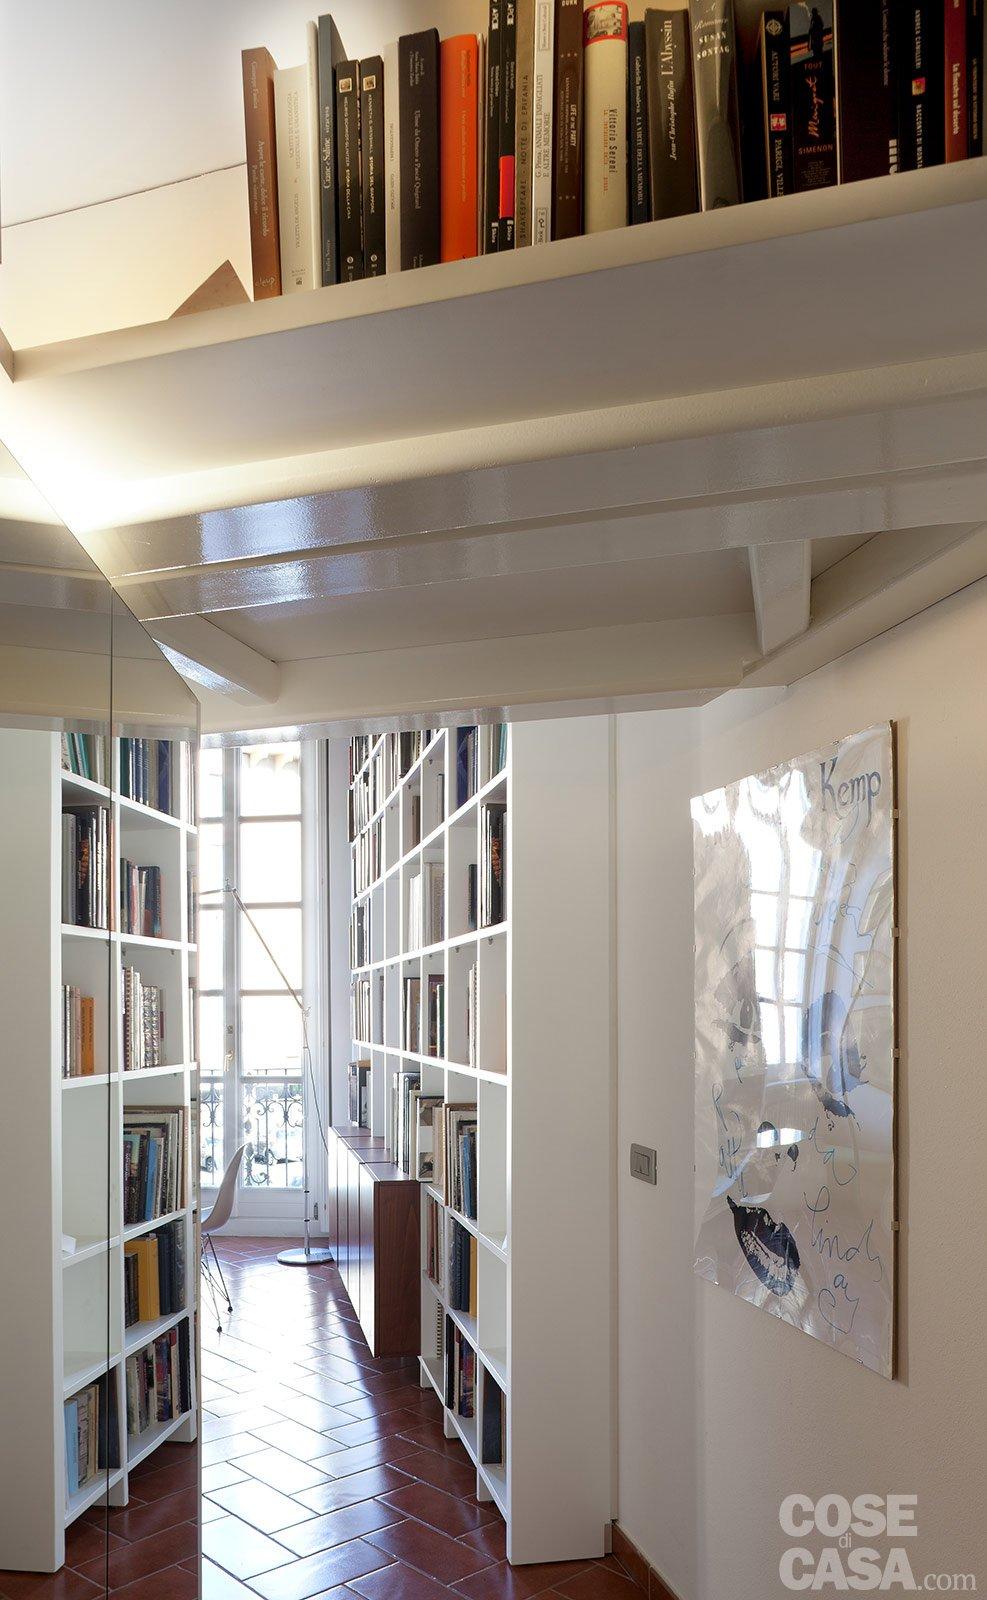 Un monolocale ampliato in altezza cose di casa - Altezza porta ingresso ...